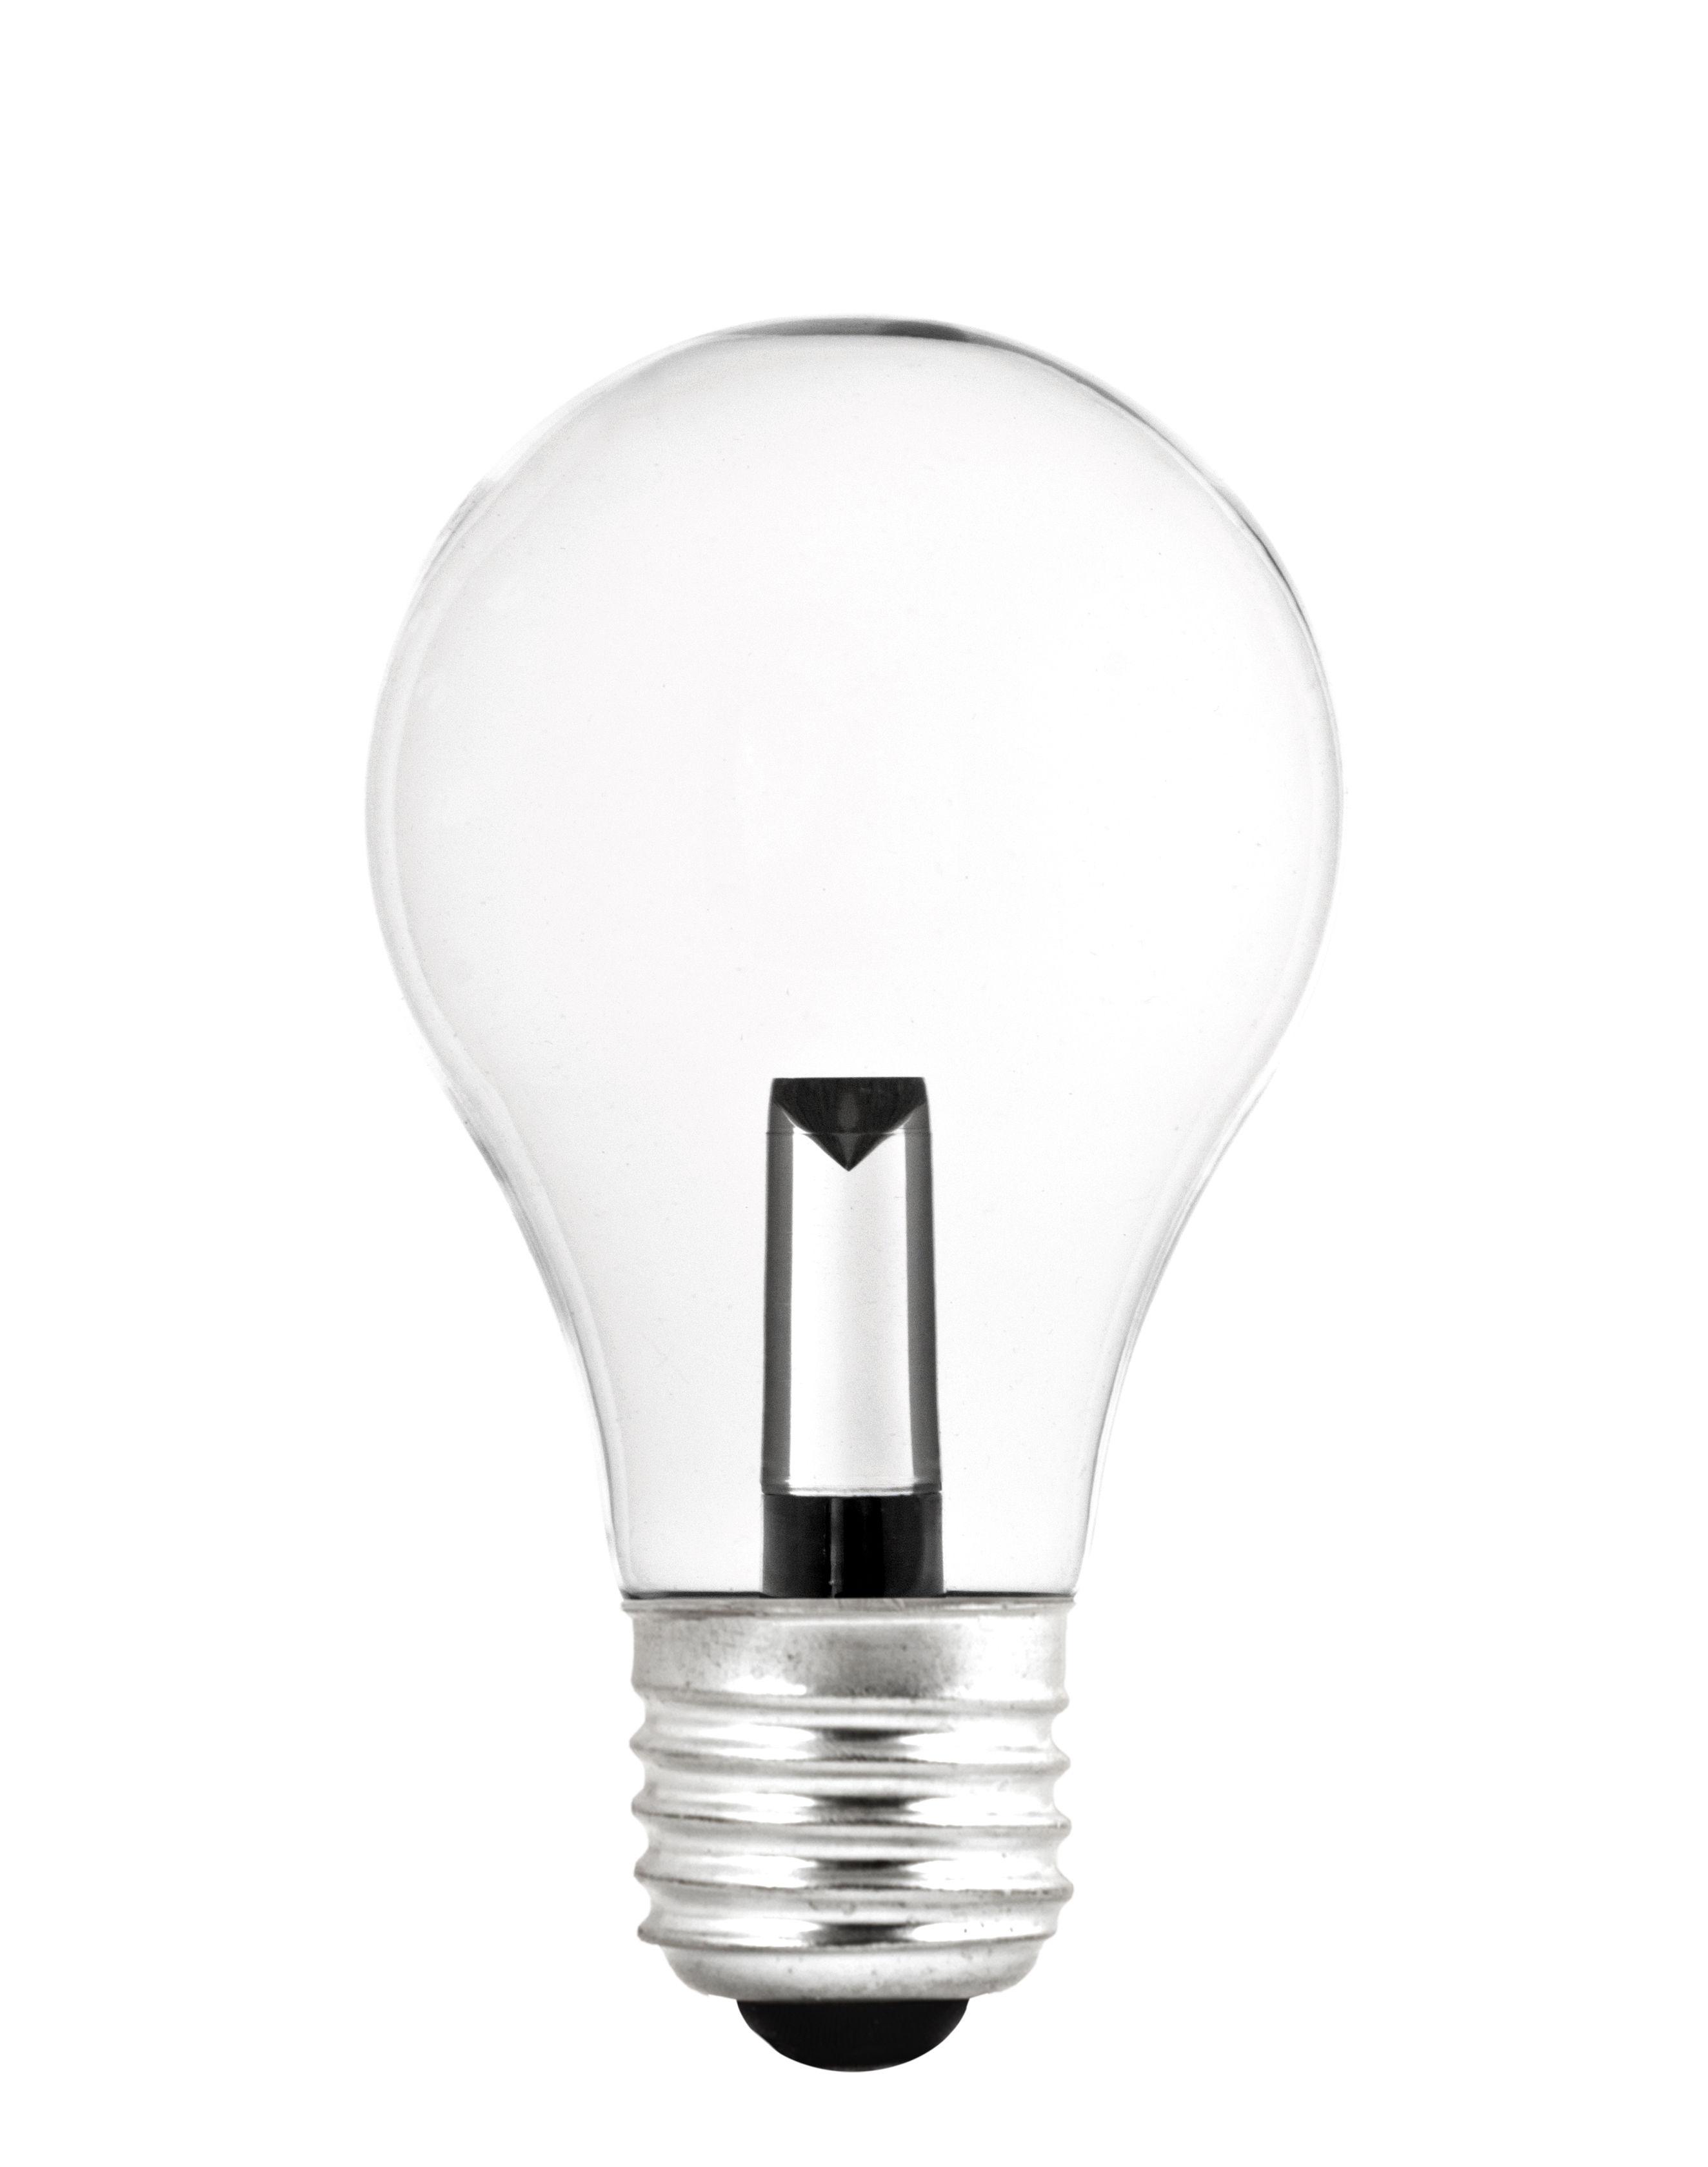 ampoule led e27 monobloc 1 5w 15w transparent pop corn. Black Bedroom Furniture Sets. Home Design Ideas